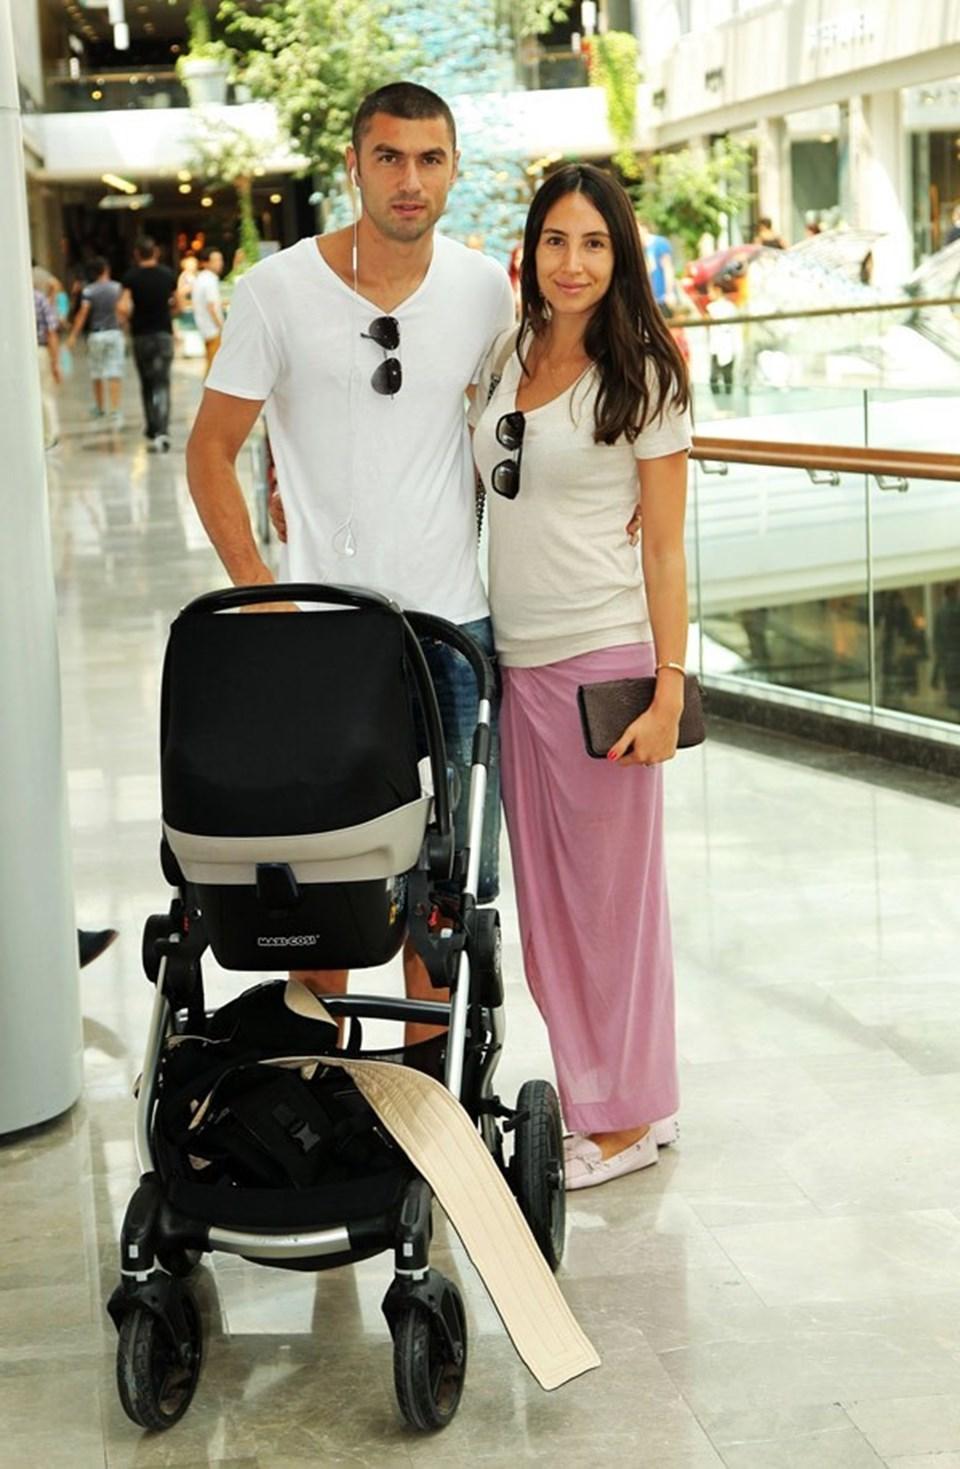 2014 yılında dünyaevine giren ikilinin bu evlilikten iki çocukları dünyaya geldi.